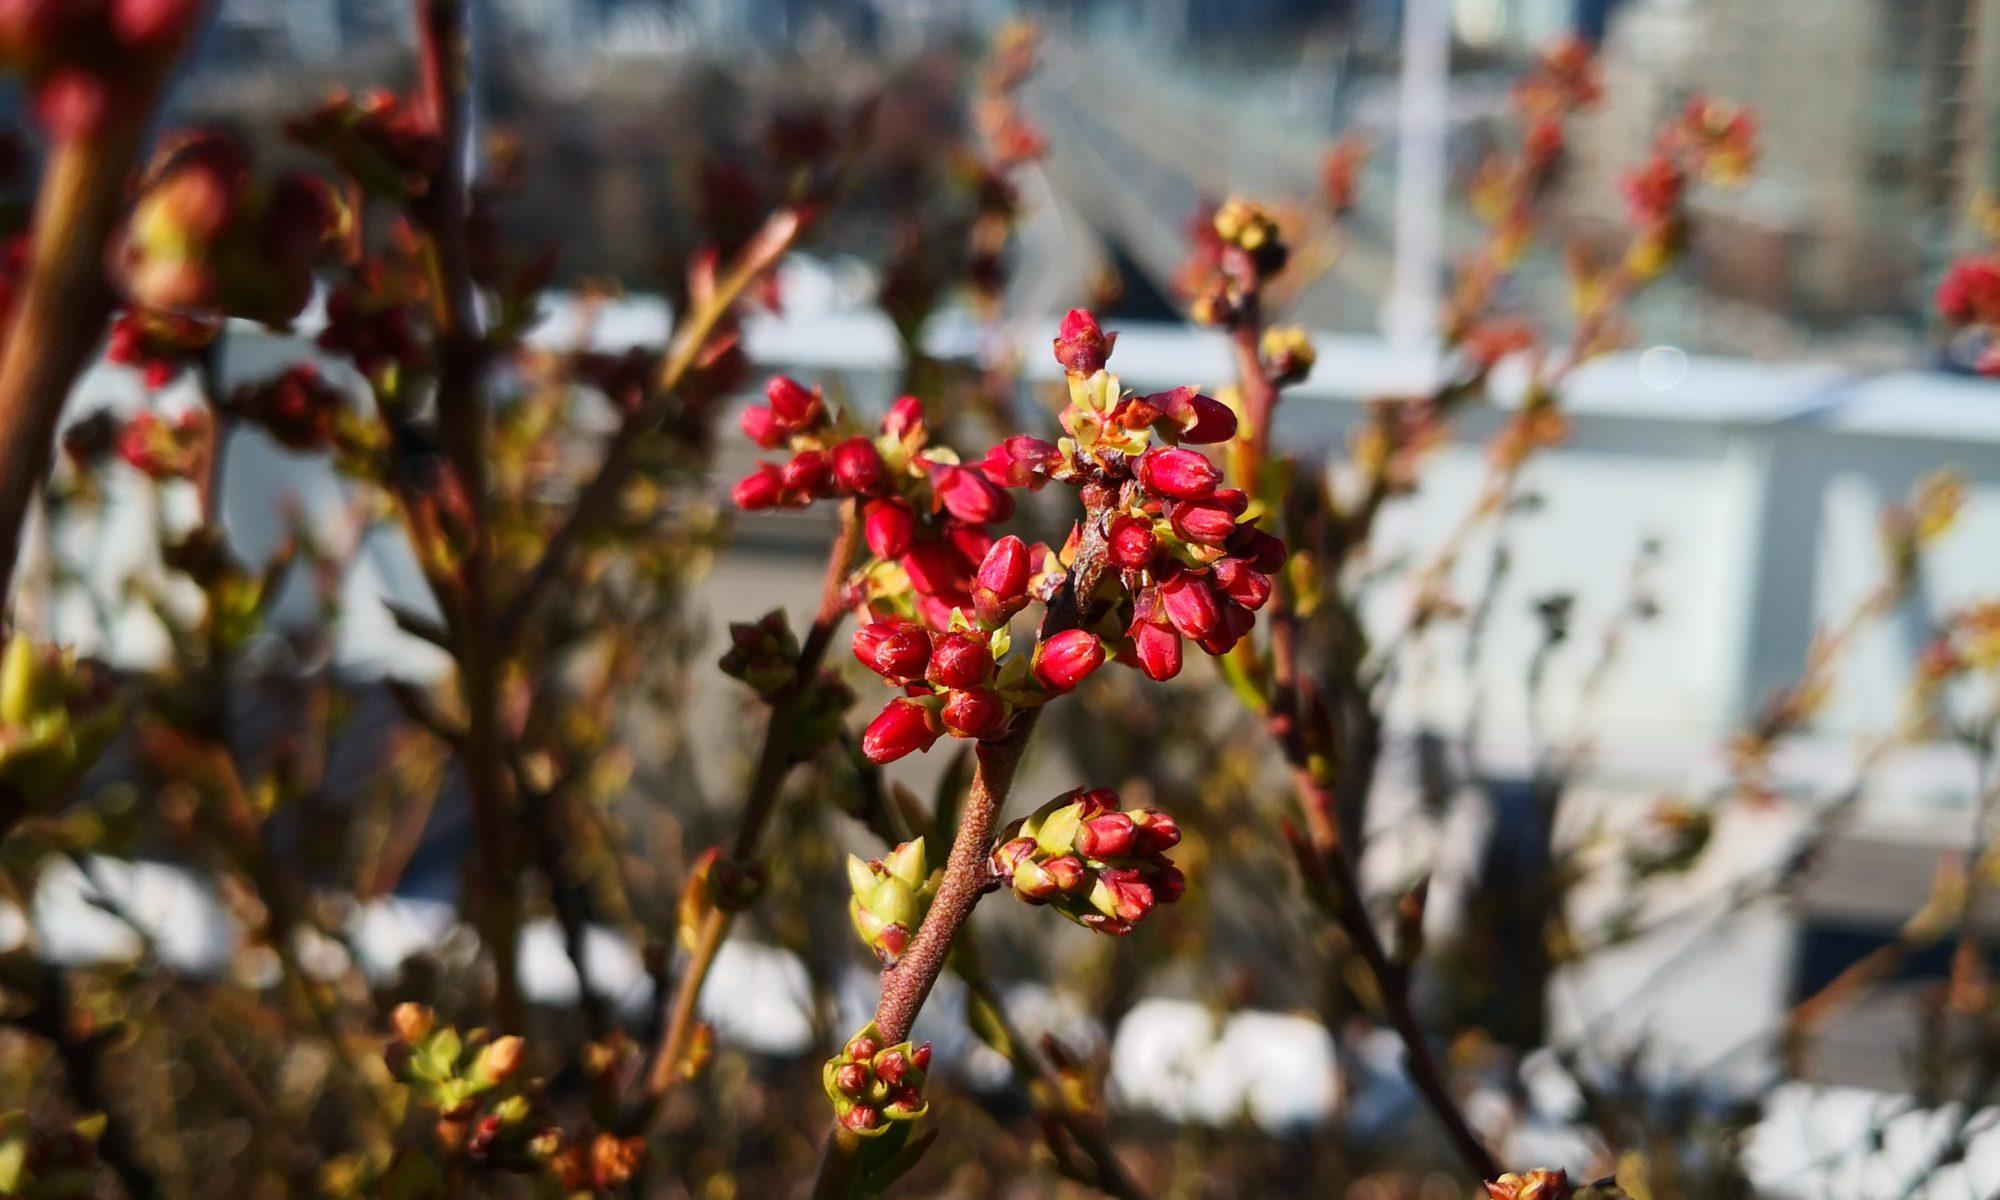 Blueberry blossom buds